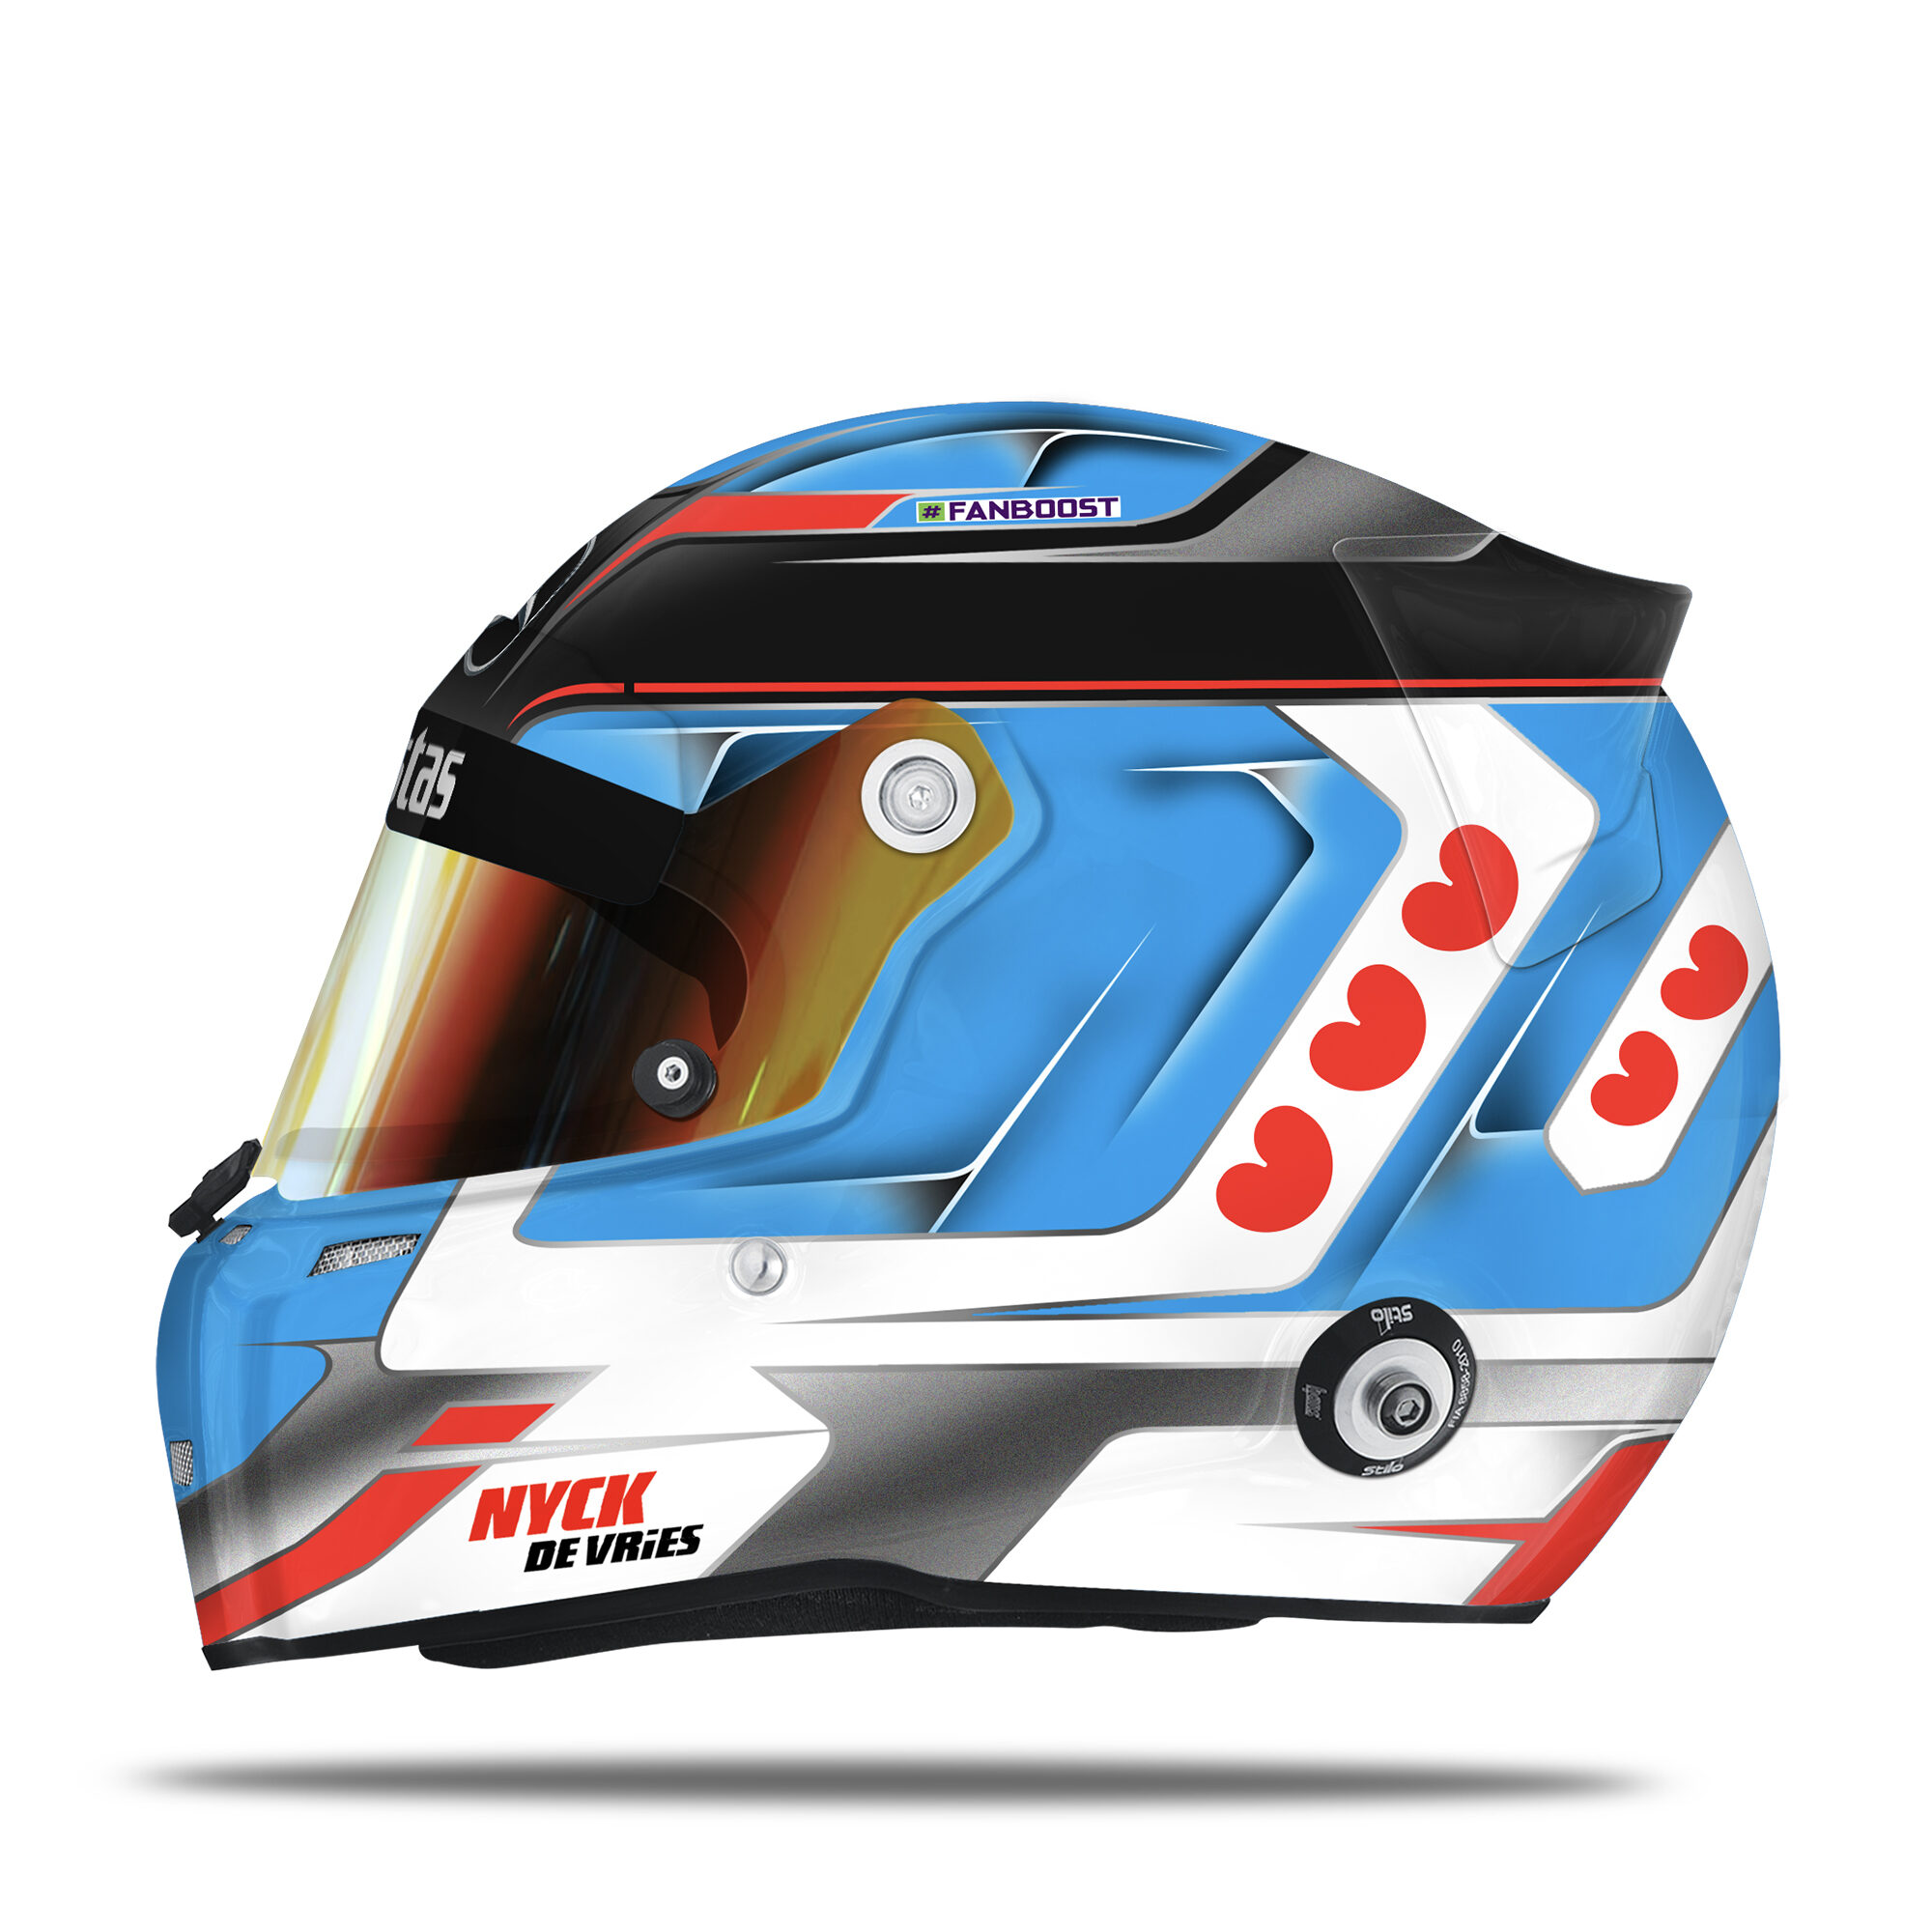 Nyck De Vries helmet design